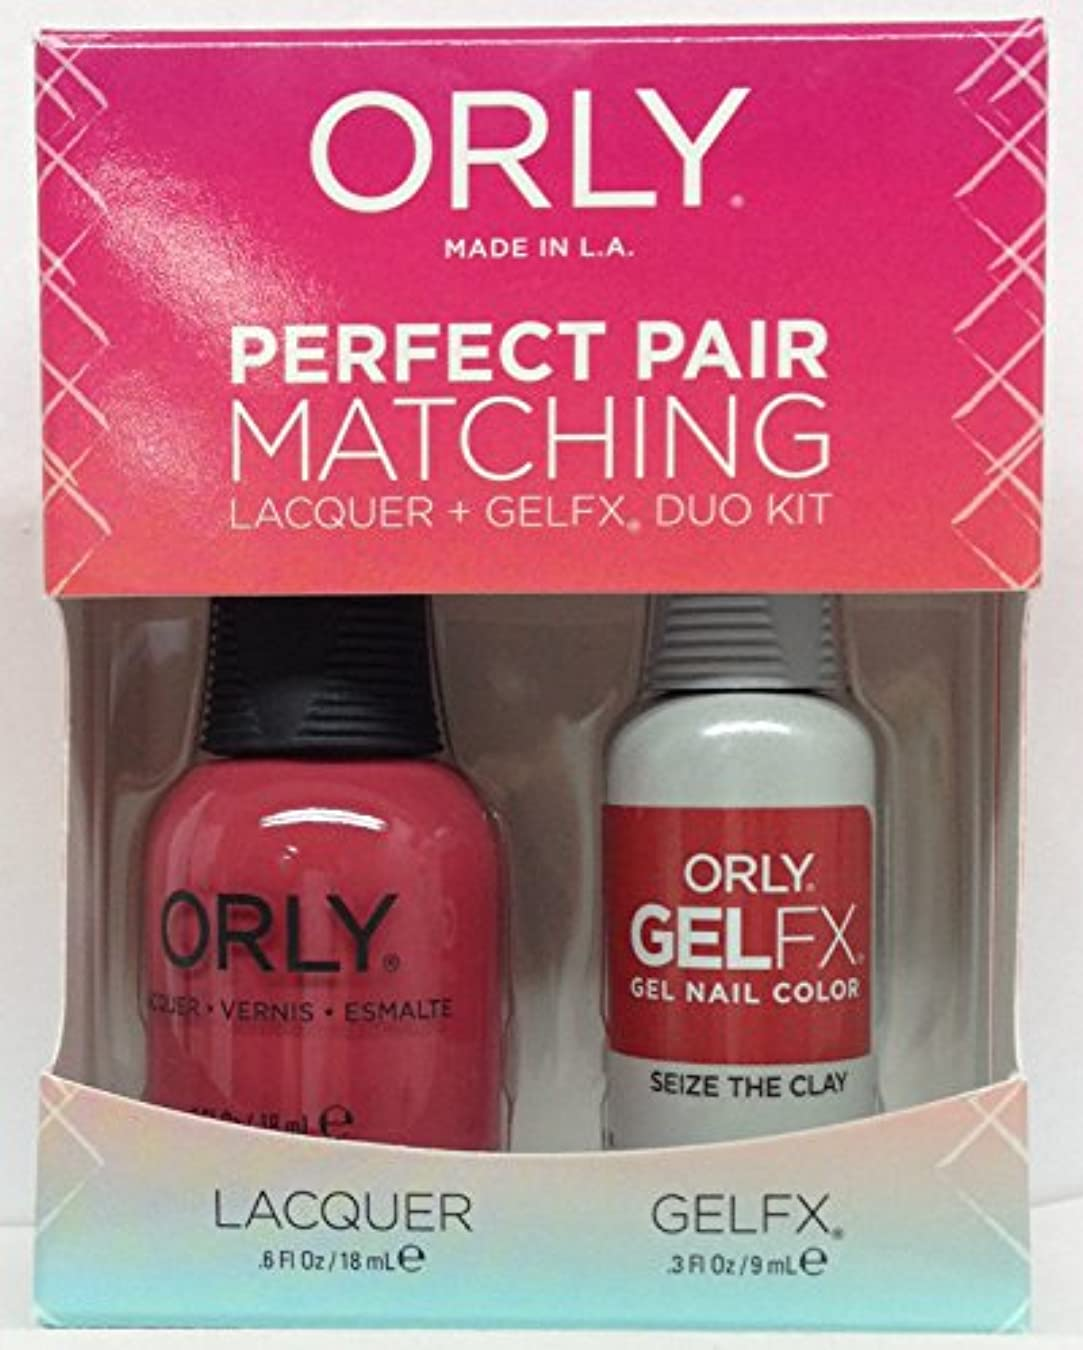 クリックリーダーシップチロOrly - Perfect Pair Matching Lacquer + GelFX Kit - Seize the Clay - 0.6 oz/0.3 oz